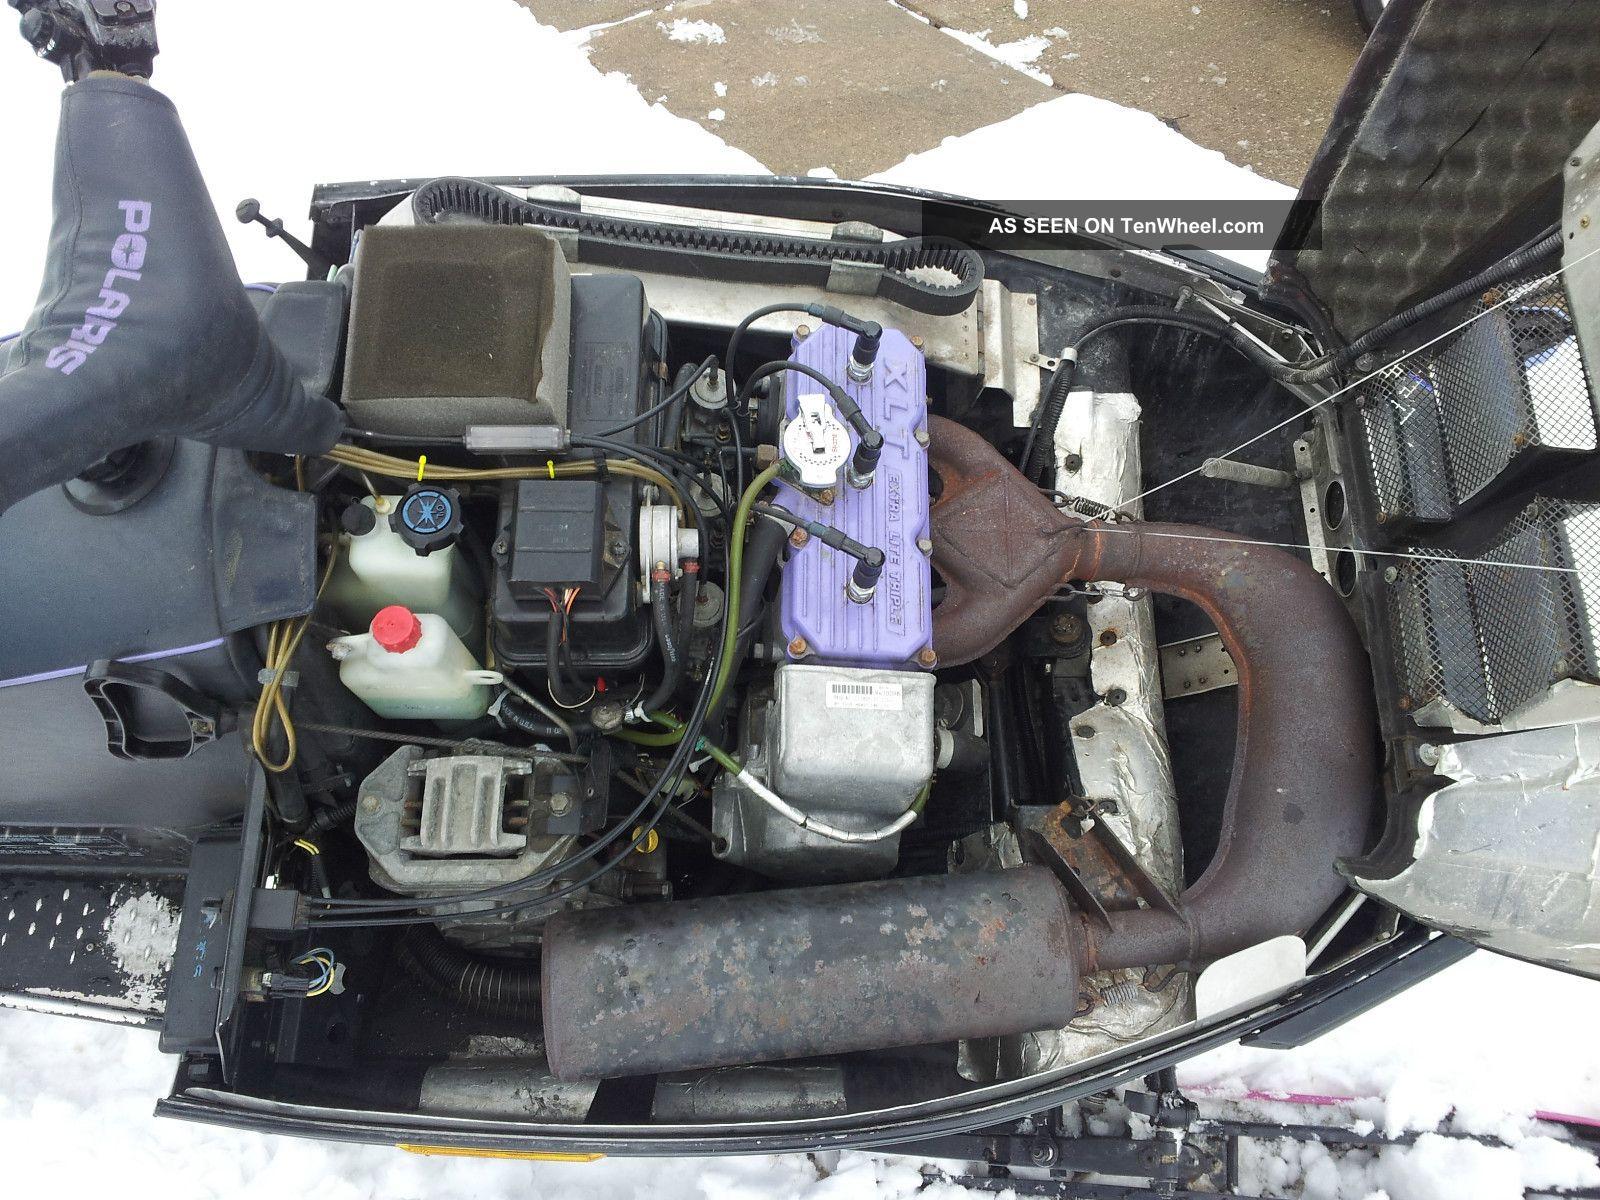 1994 Polaris Xlt Sp 580